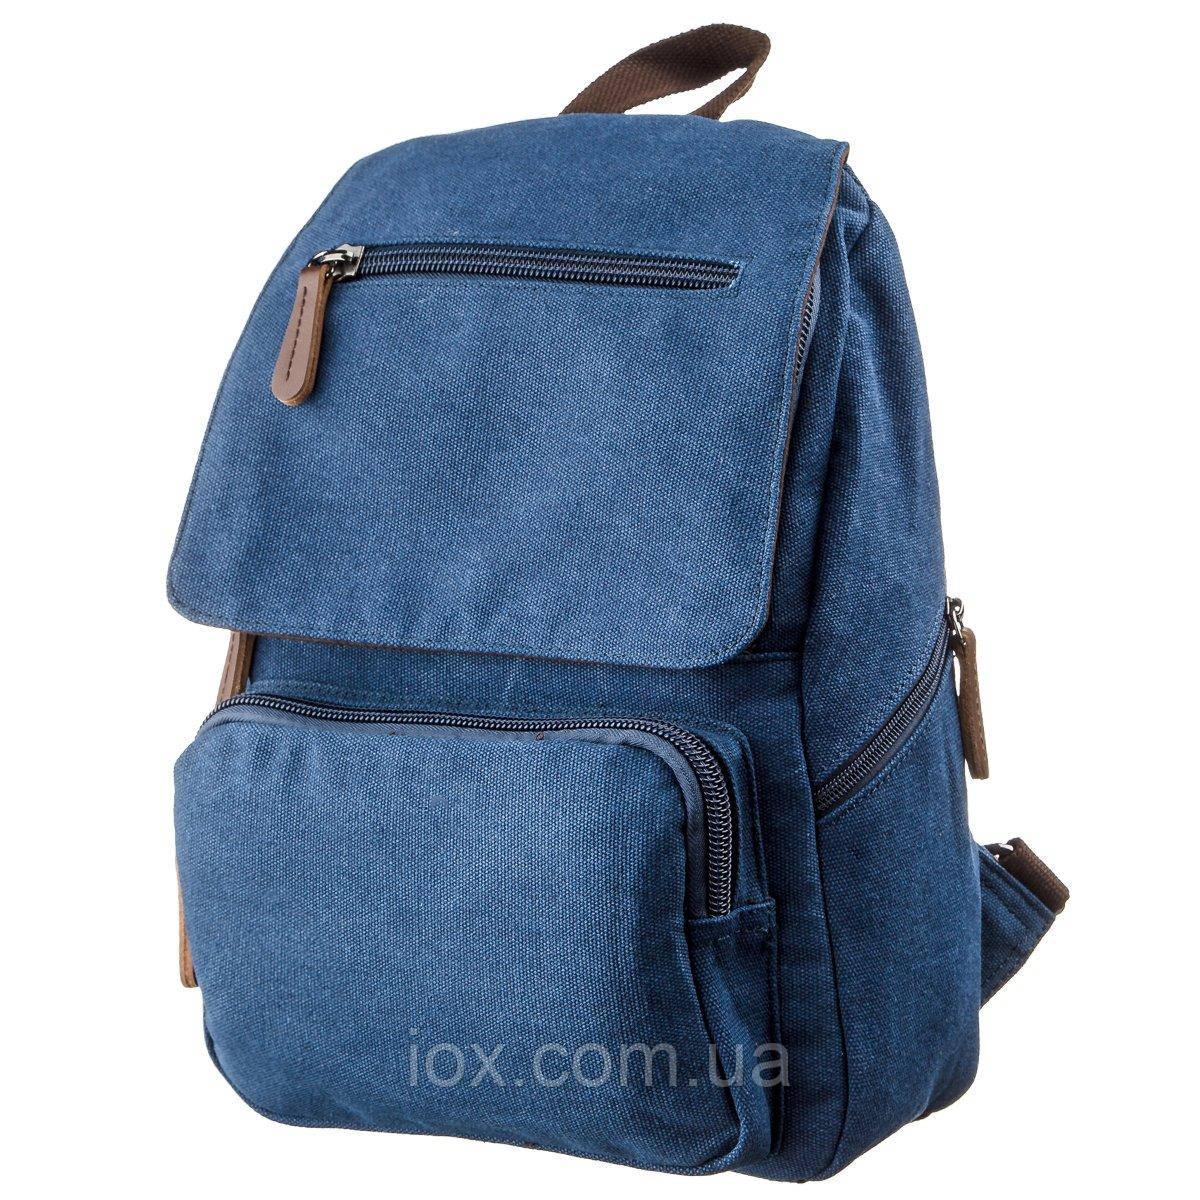 Компактный женский текстильный рюкзак Vintage 20197 Синий